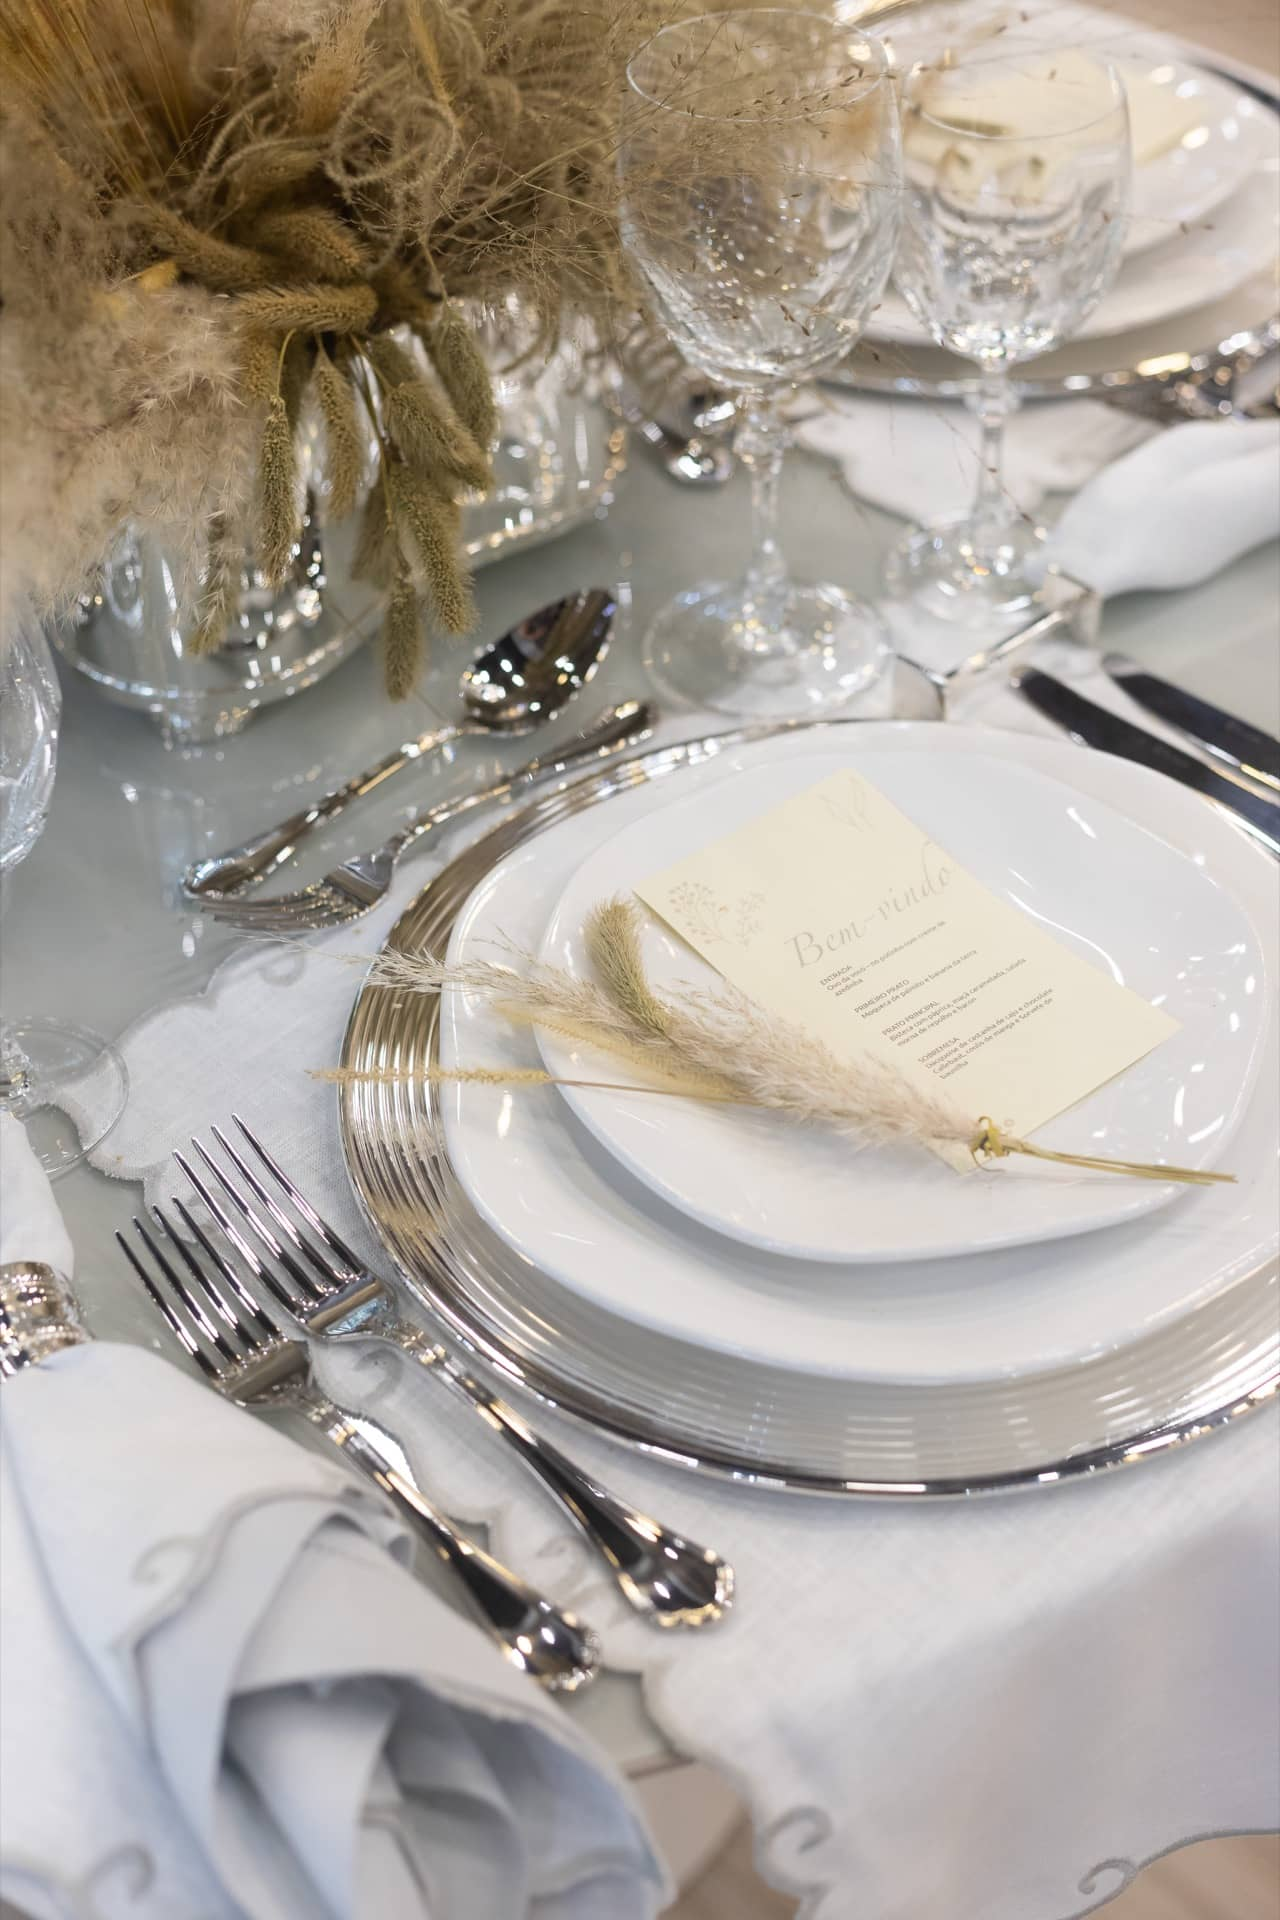 Imagem: O menu do jantar é impresso em papel de qualidade e colocado sobre o prato da entrada. Um ramo de trigo arremata o visual. Foto: Carolina Prieto.